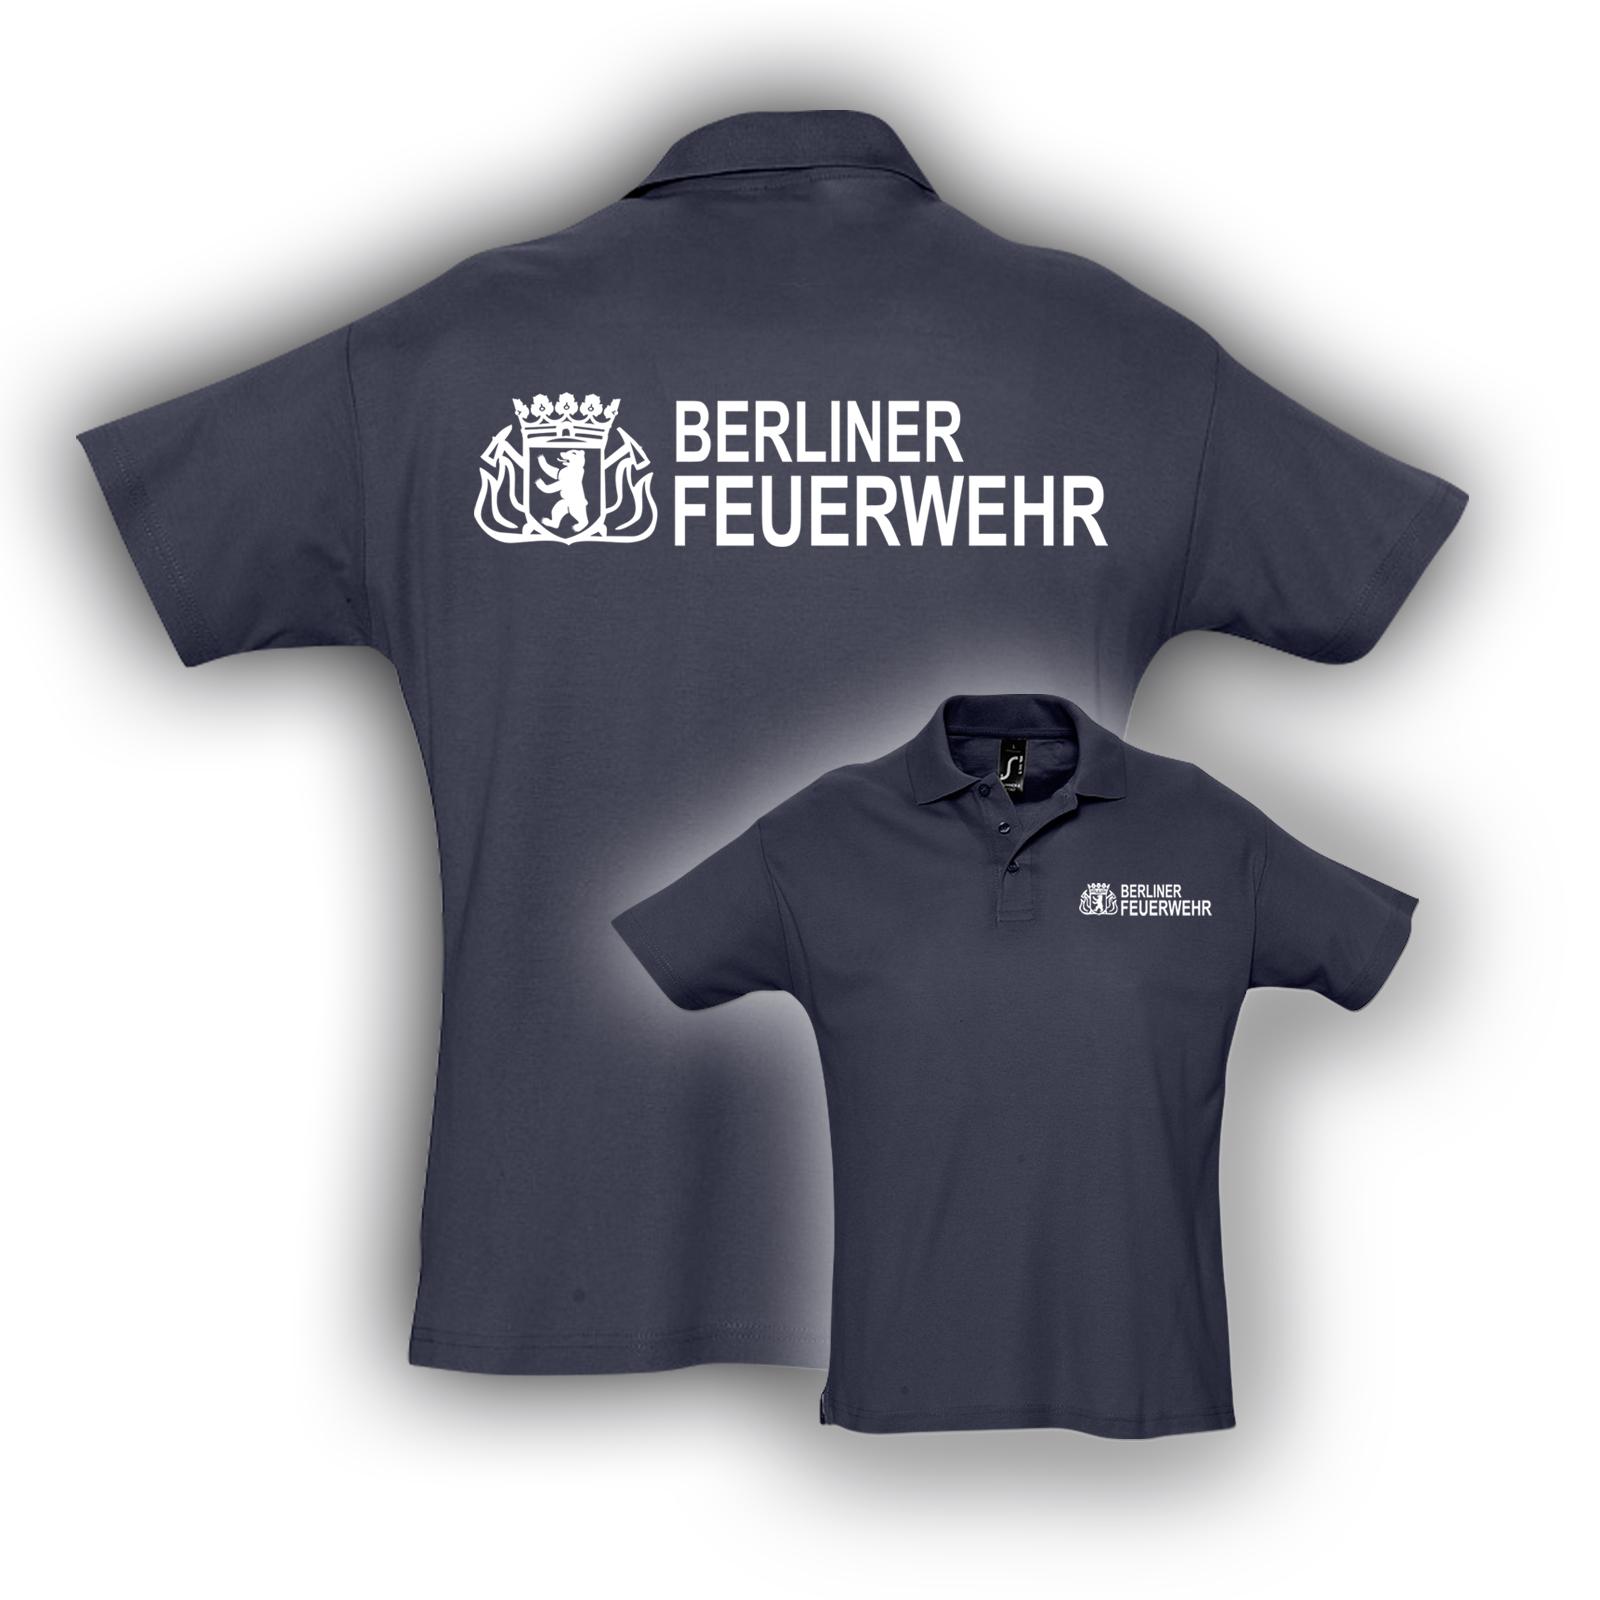 Kaufen Kleidung Kaufen Kleidung Berliner Feuerwehr Feuerwehr